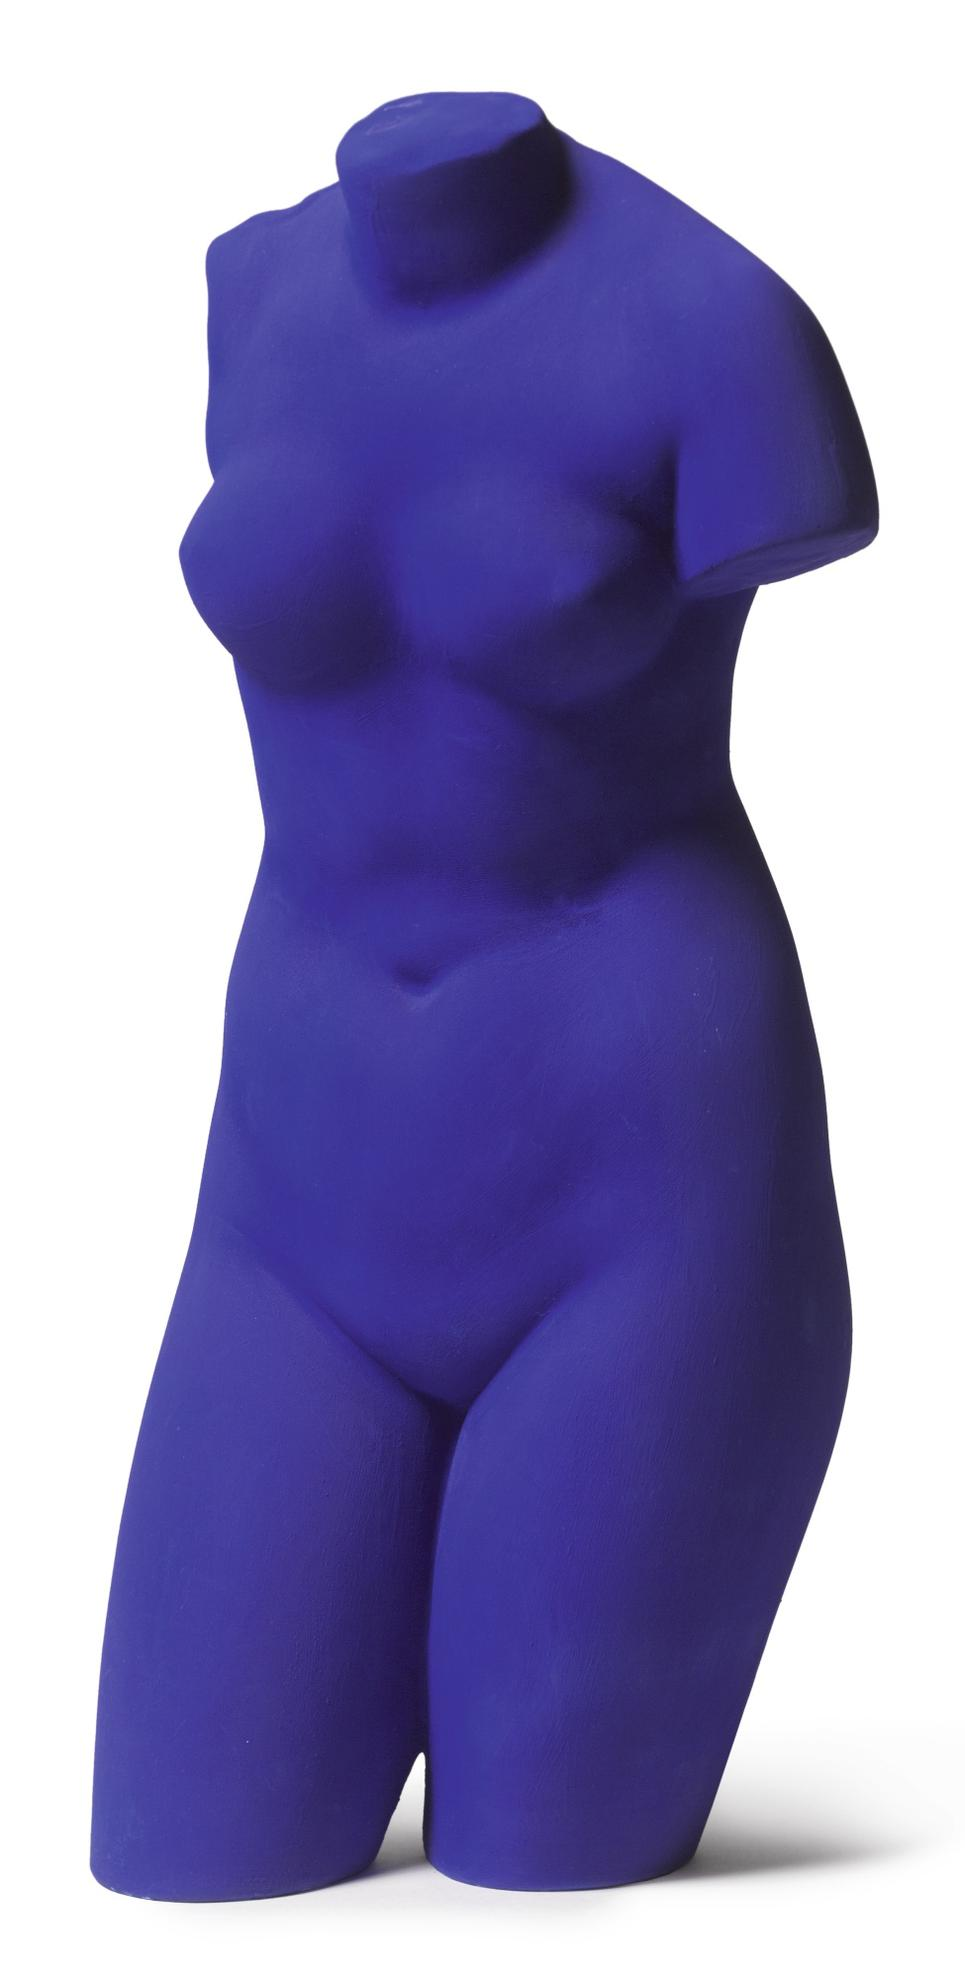 Yves Klein-Venus Bleue (S 41)-1962